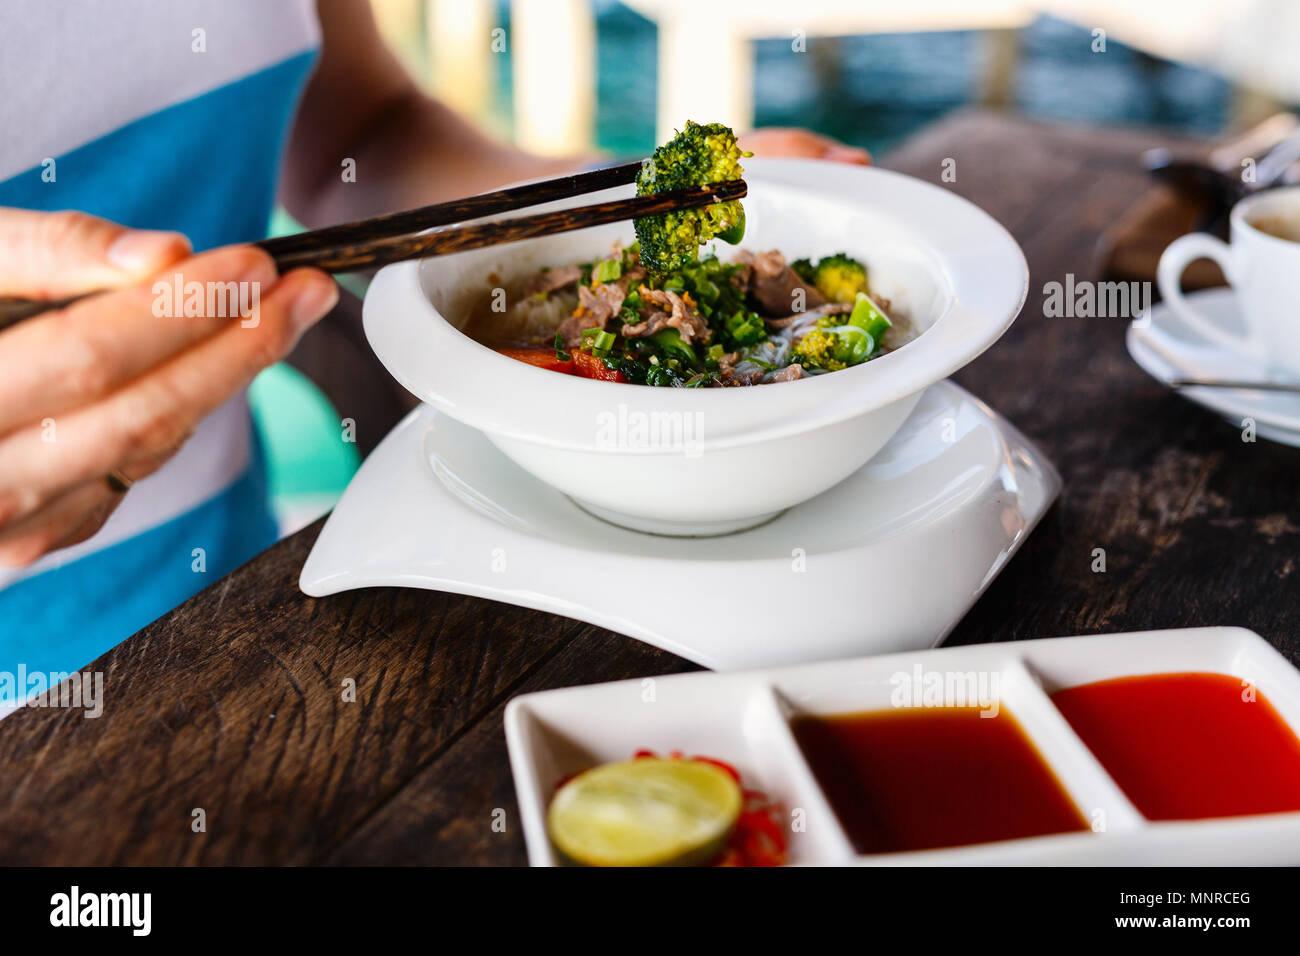 Délicieux plat de viande et nouilles asiatiques servis pour le petit-déjeuner ou déjeuner Photo Stock